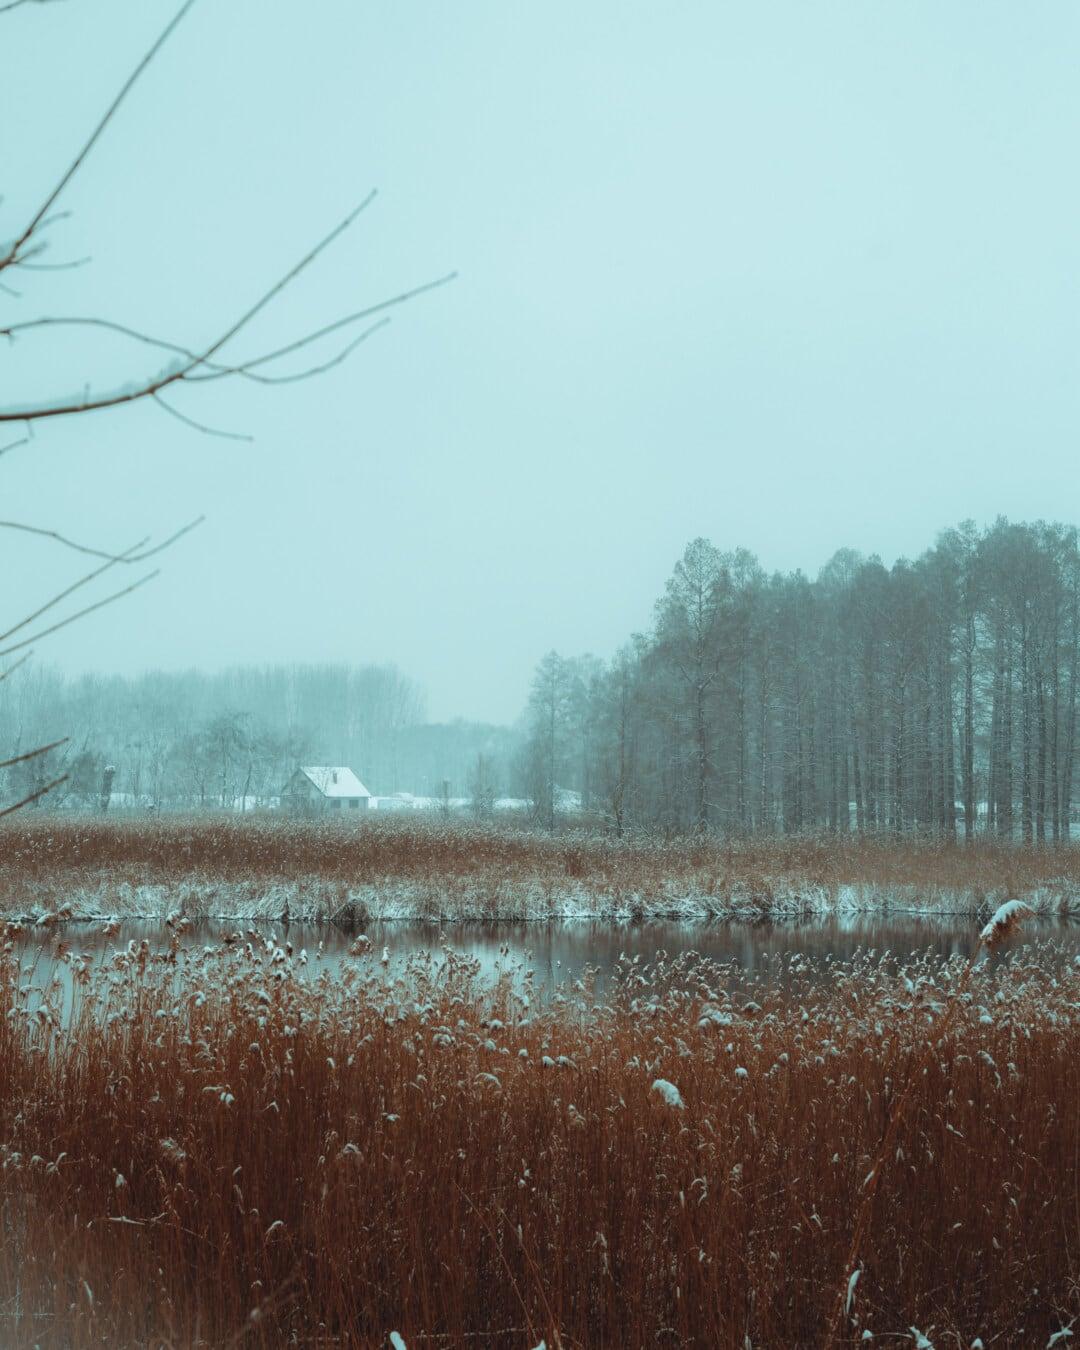 marais, zones humides, neigeux, brumeux, Hiver, atmosphère, arbre, paysage, brume, météo